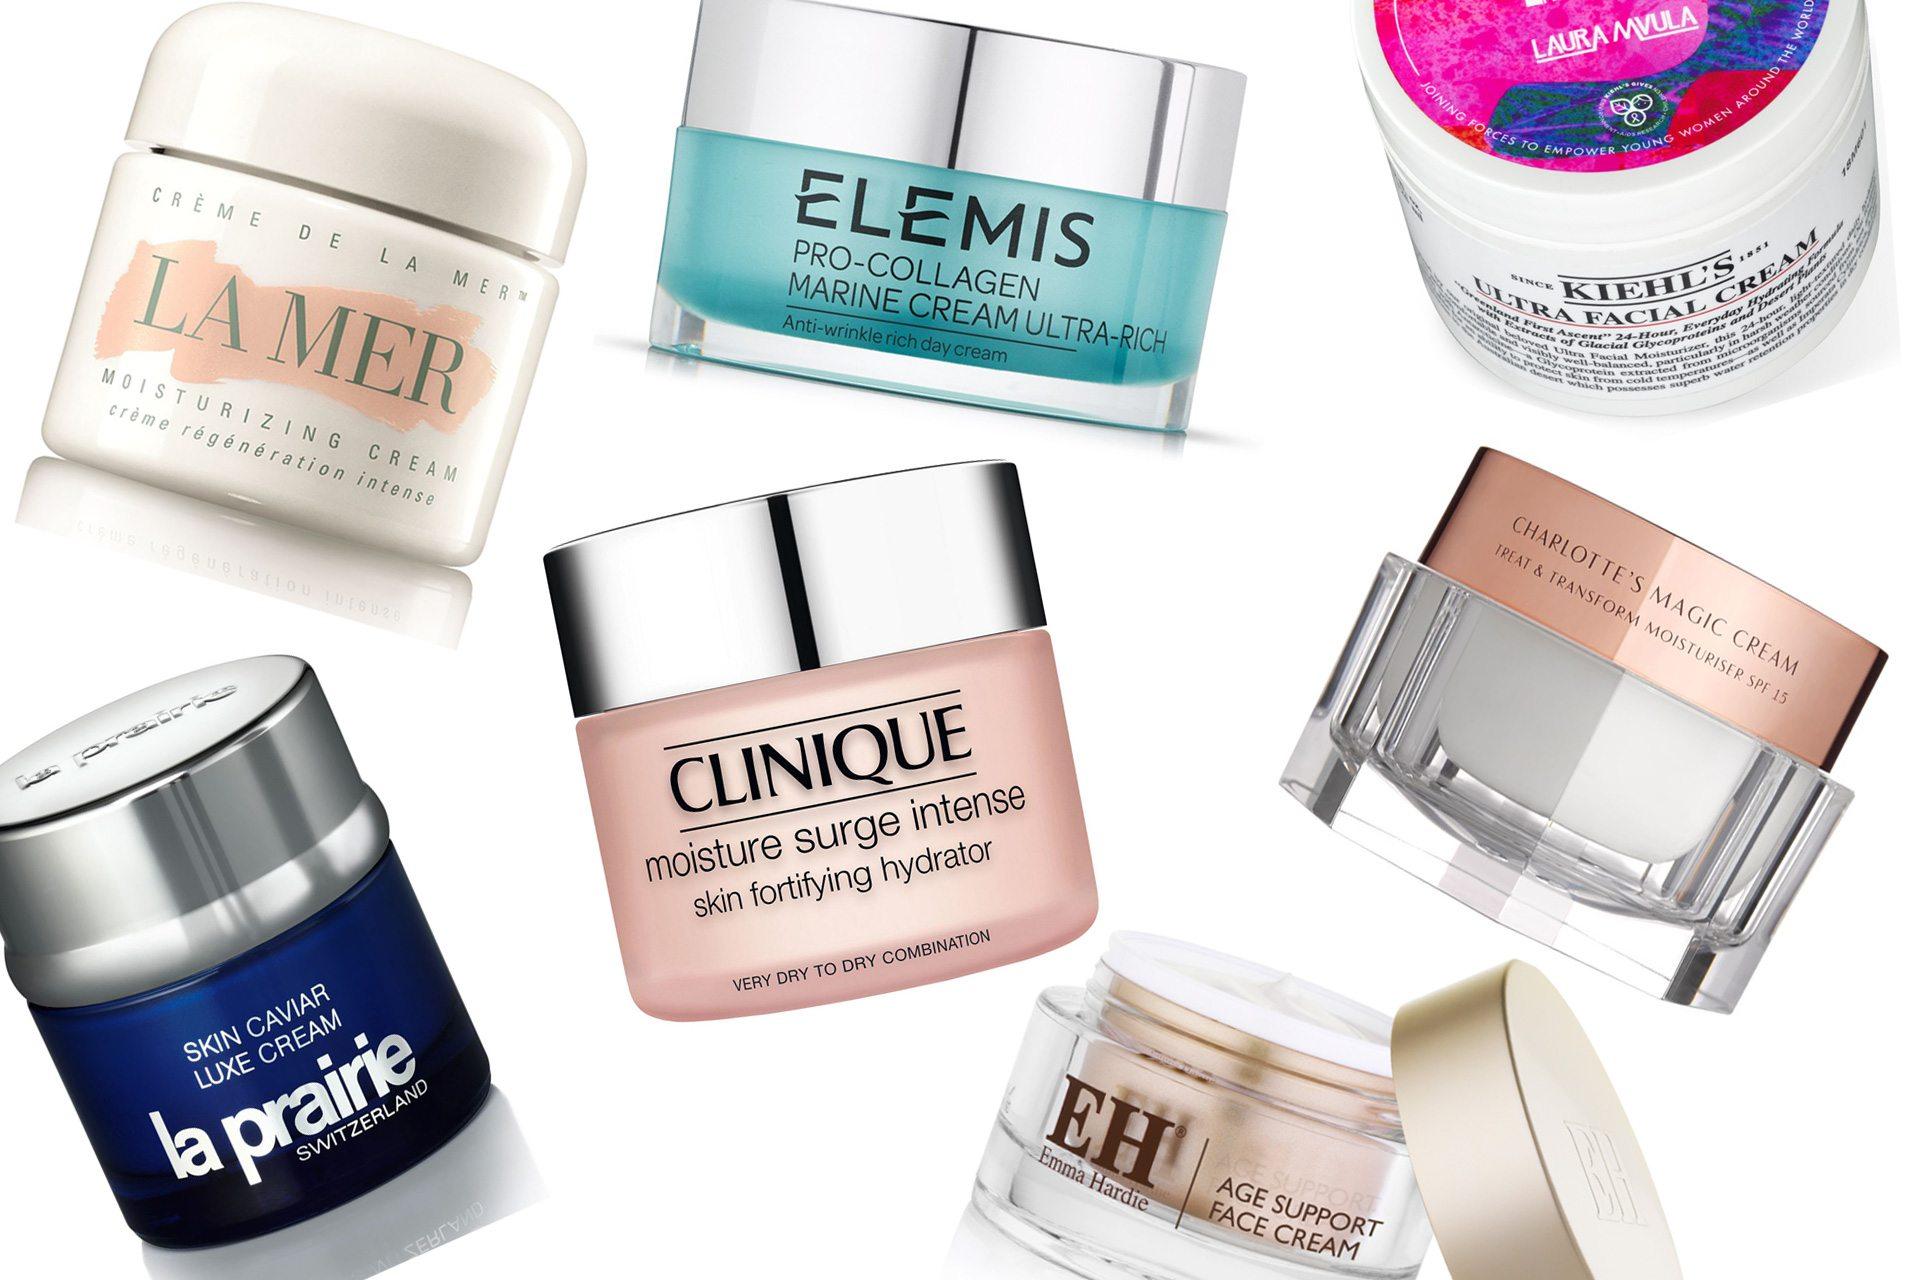 En ansigtscreme, der rent faktisk virker – sådan vælger du den korrekte kosmetik til din hudtype